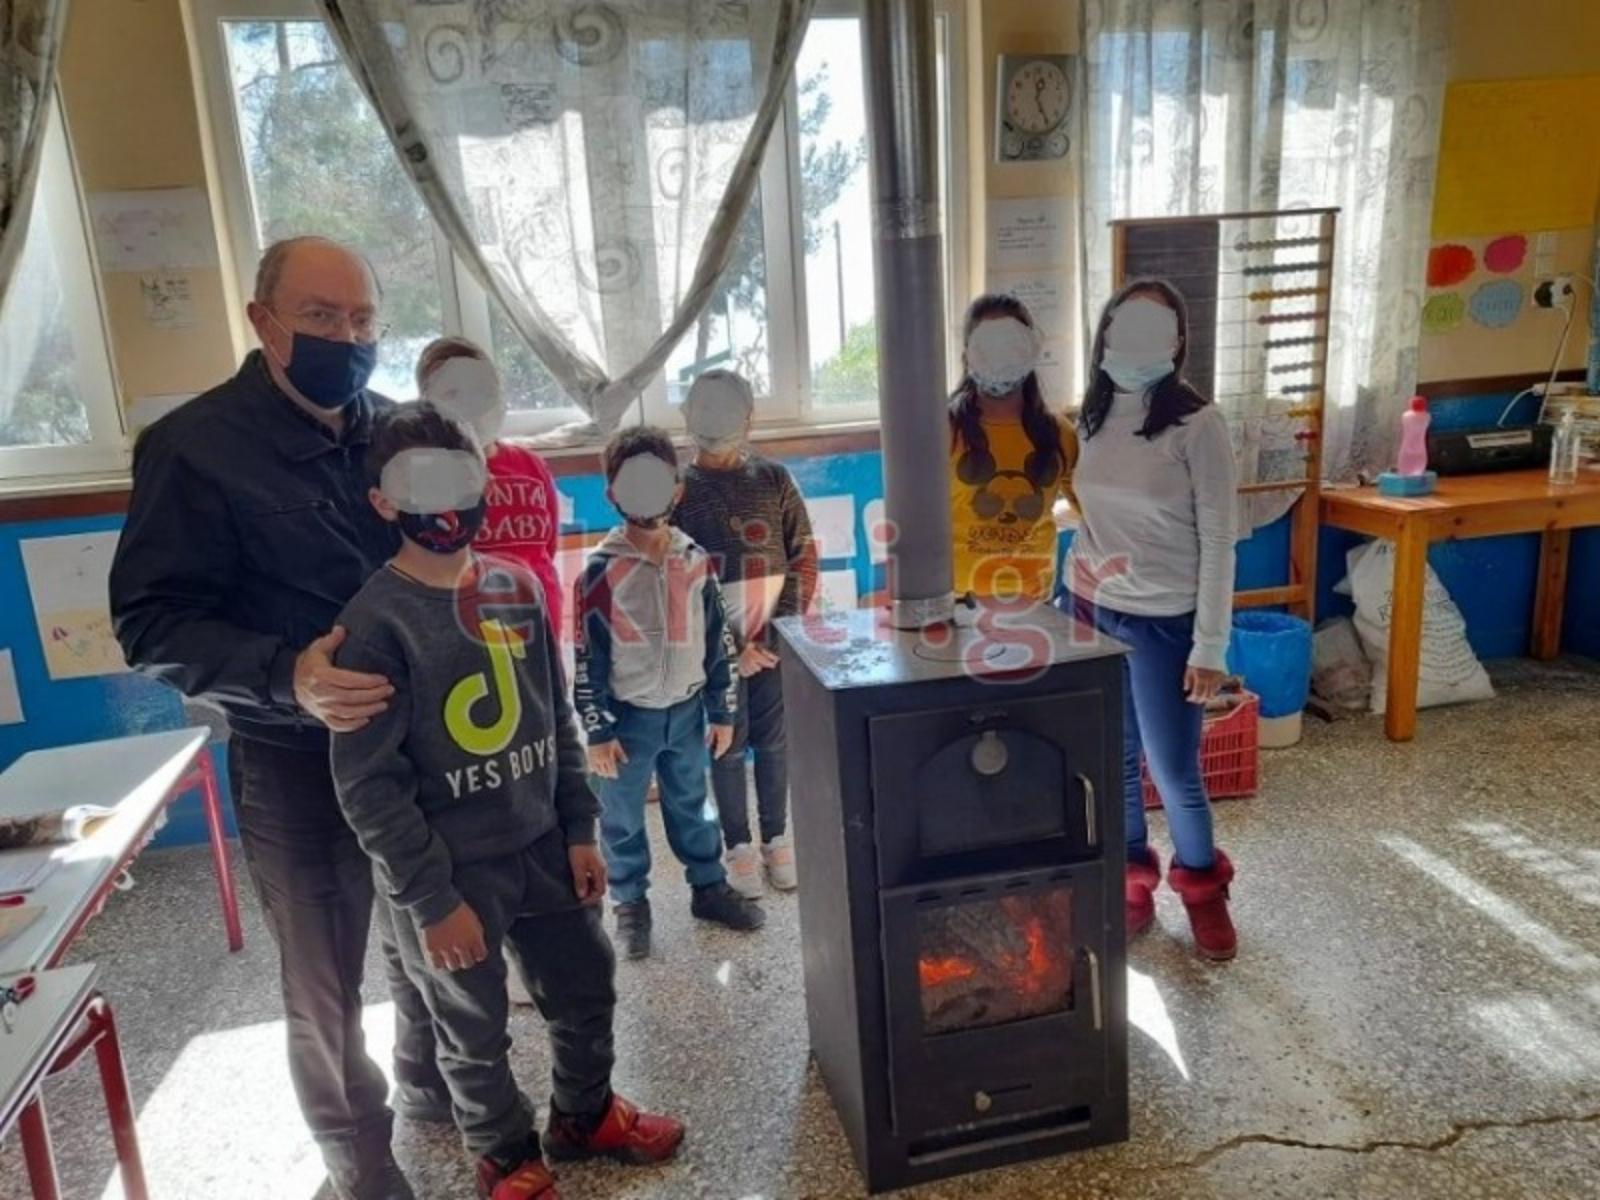 Κρήτη: Μάθημα γεμάτο αγάπη σε δημοτικό σχολείο – Όλοι γύρω από μια ξυλόσομπα